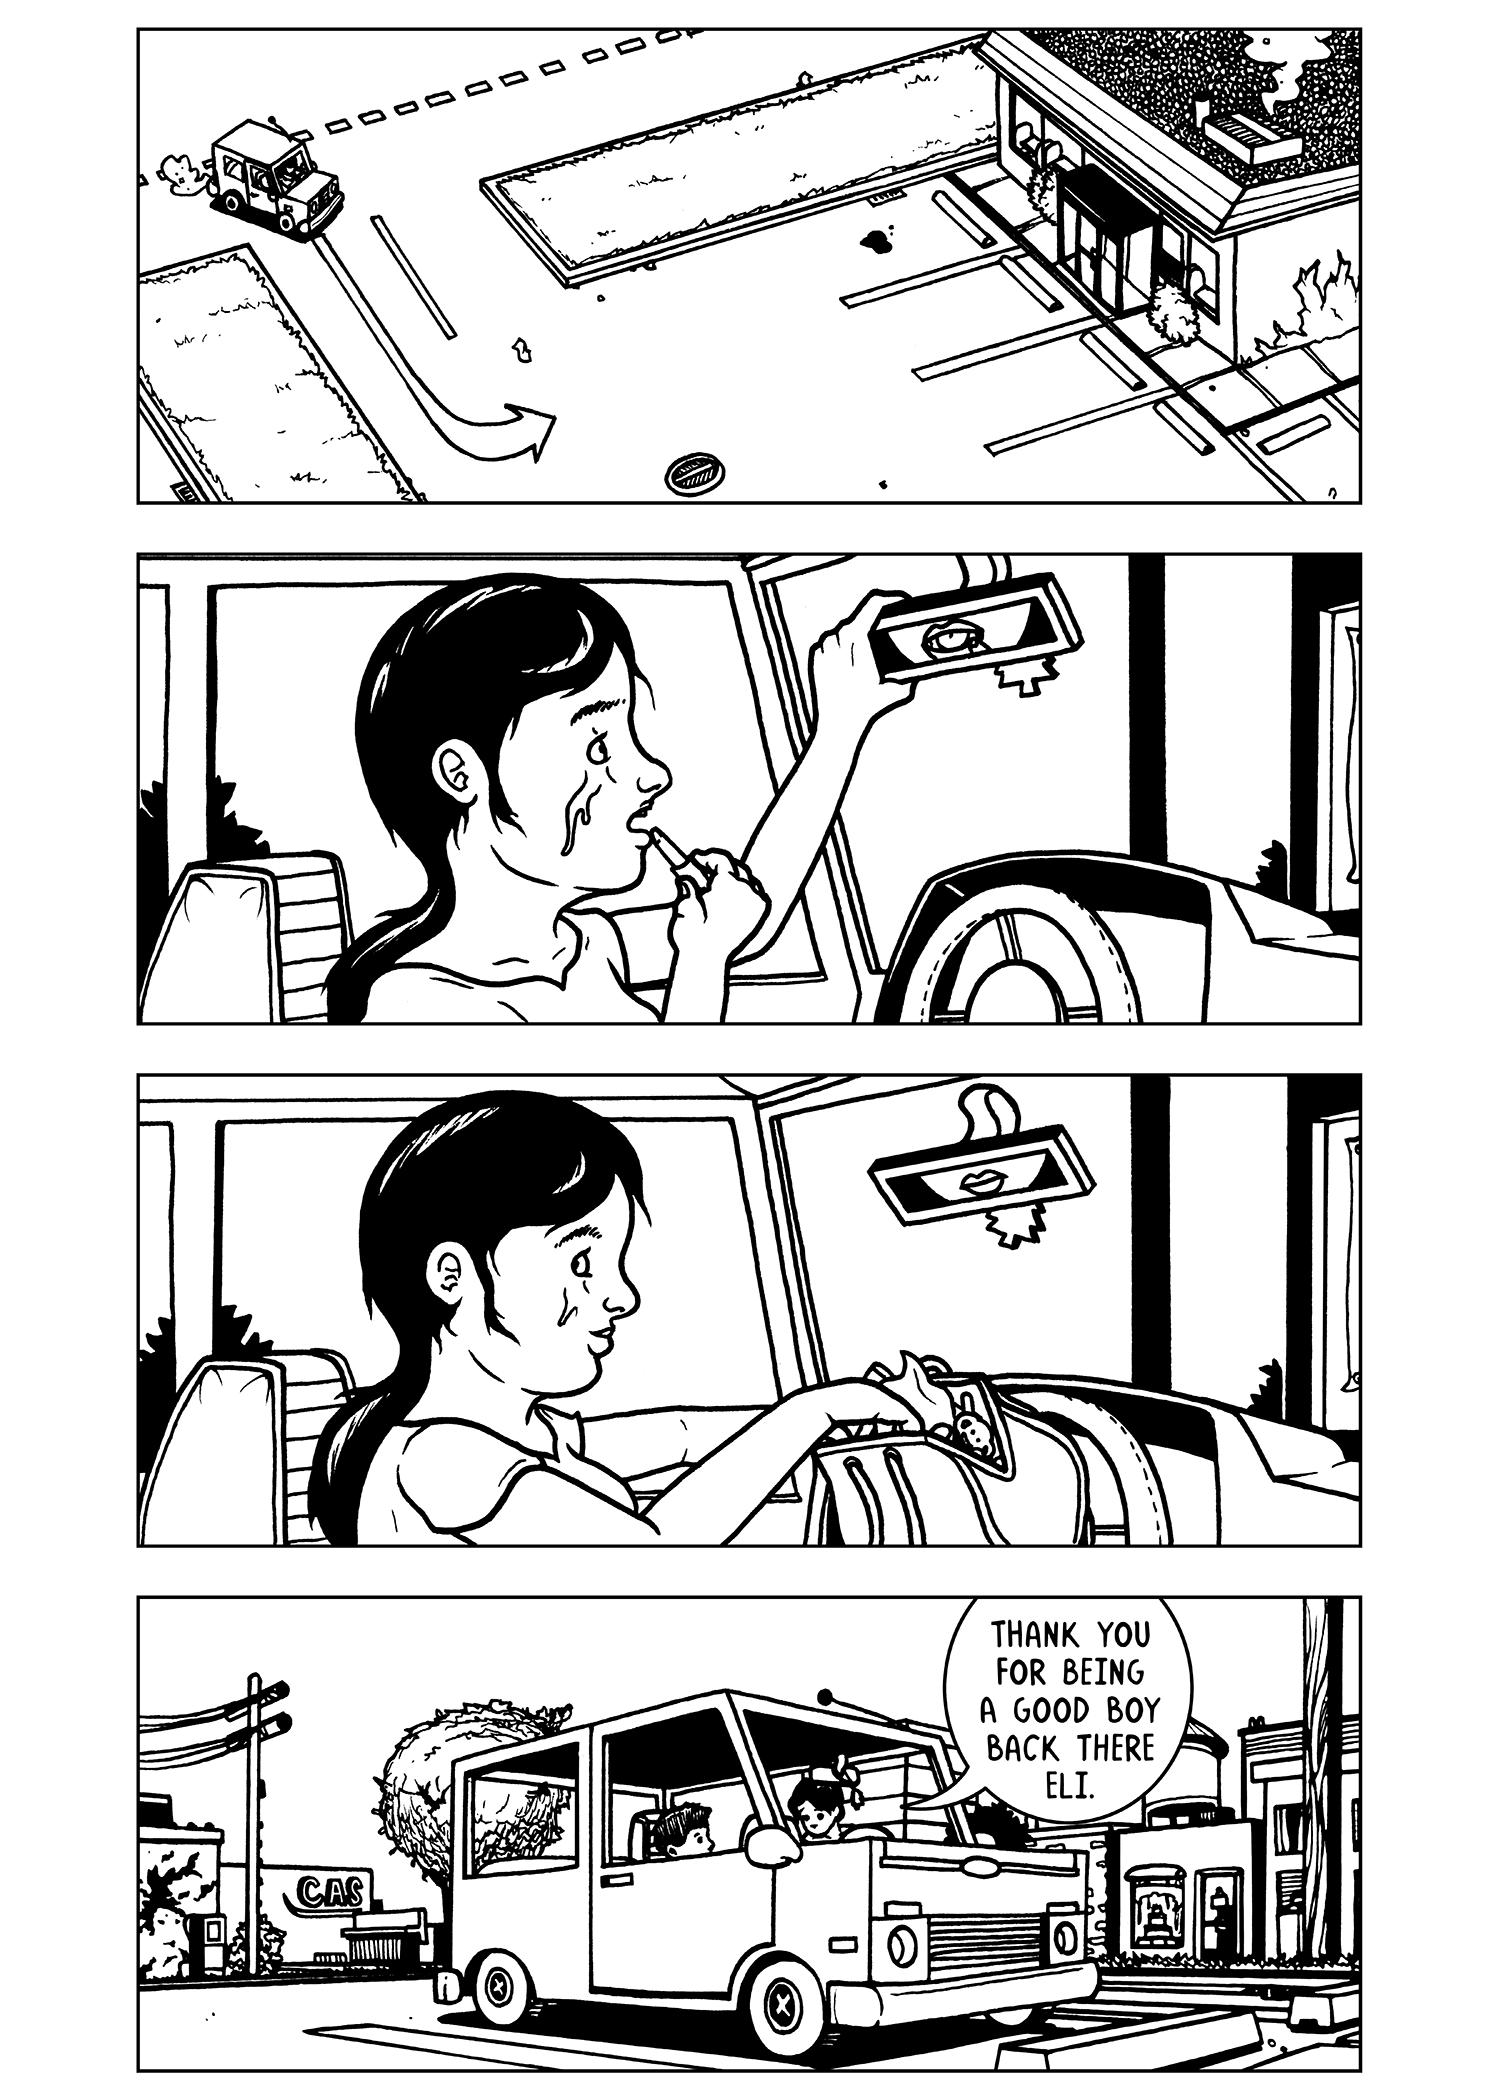 QWERTY_comic_05